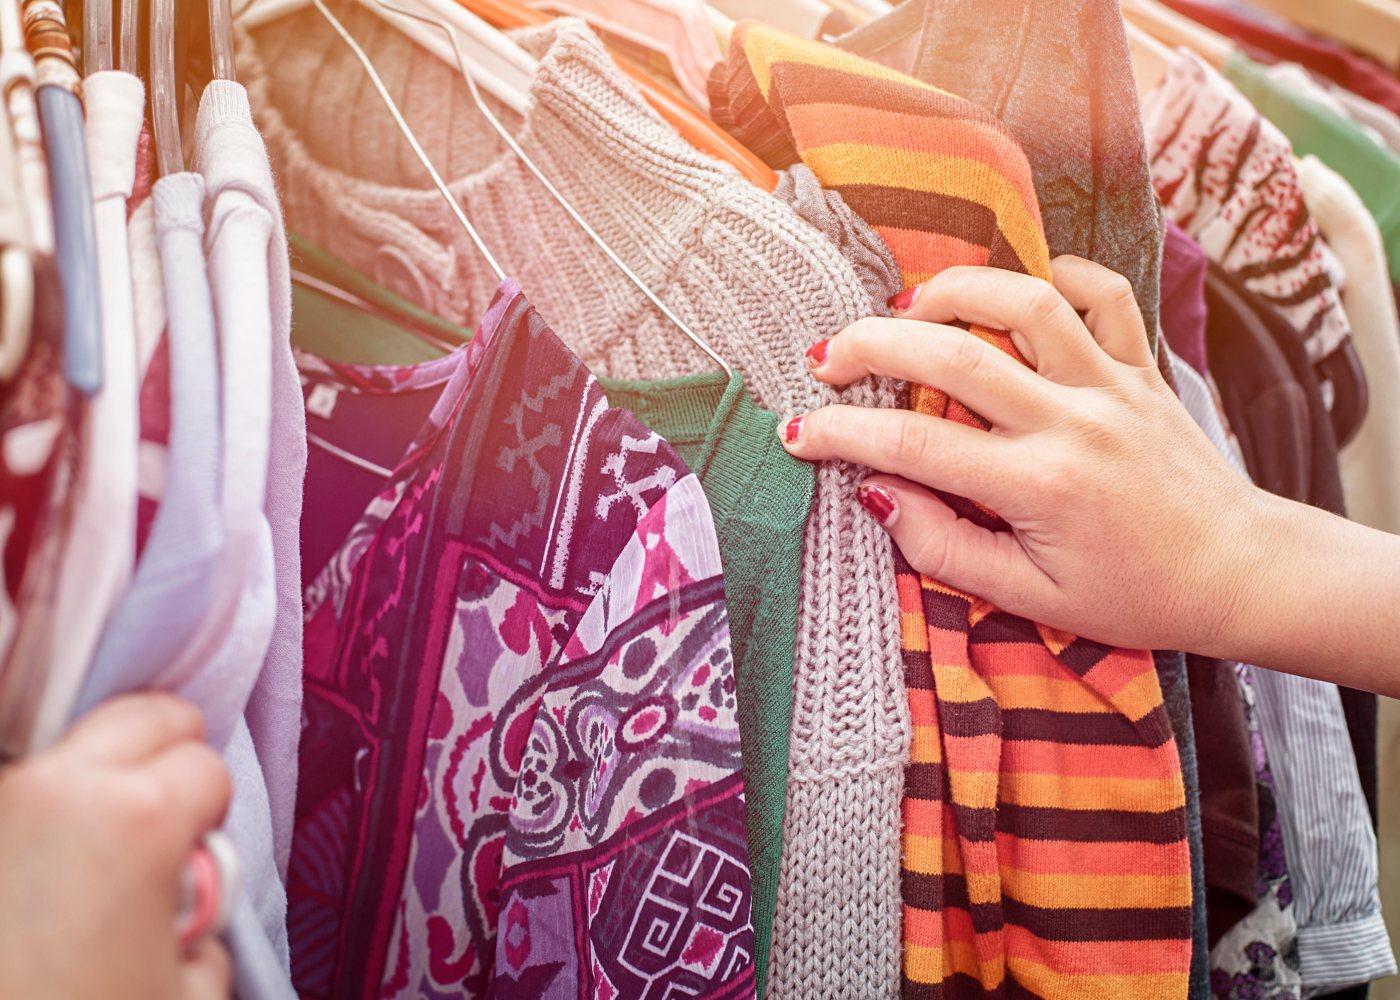 Montra com roupa usada para venda